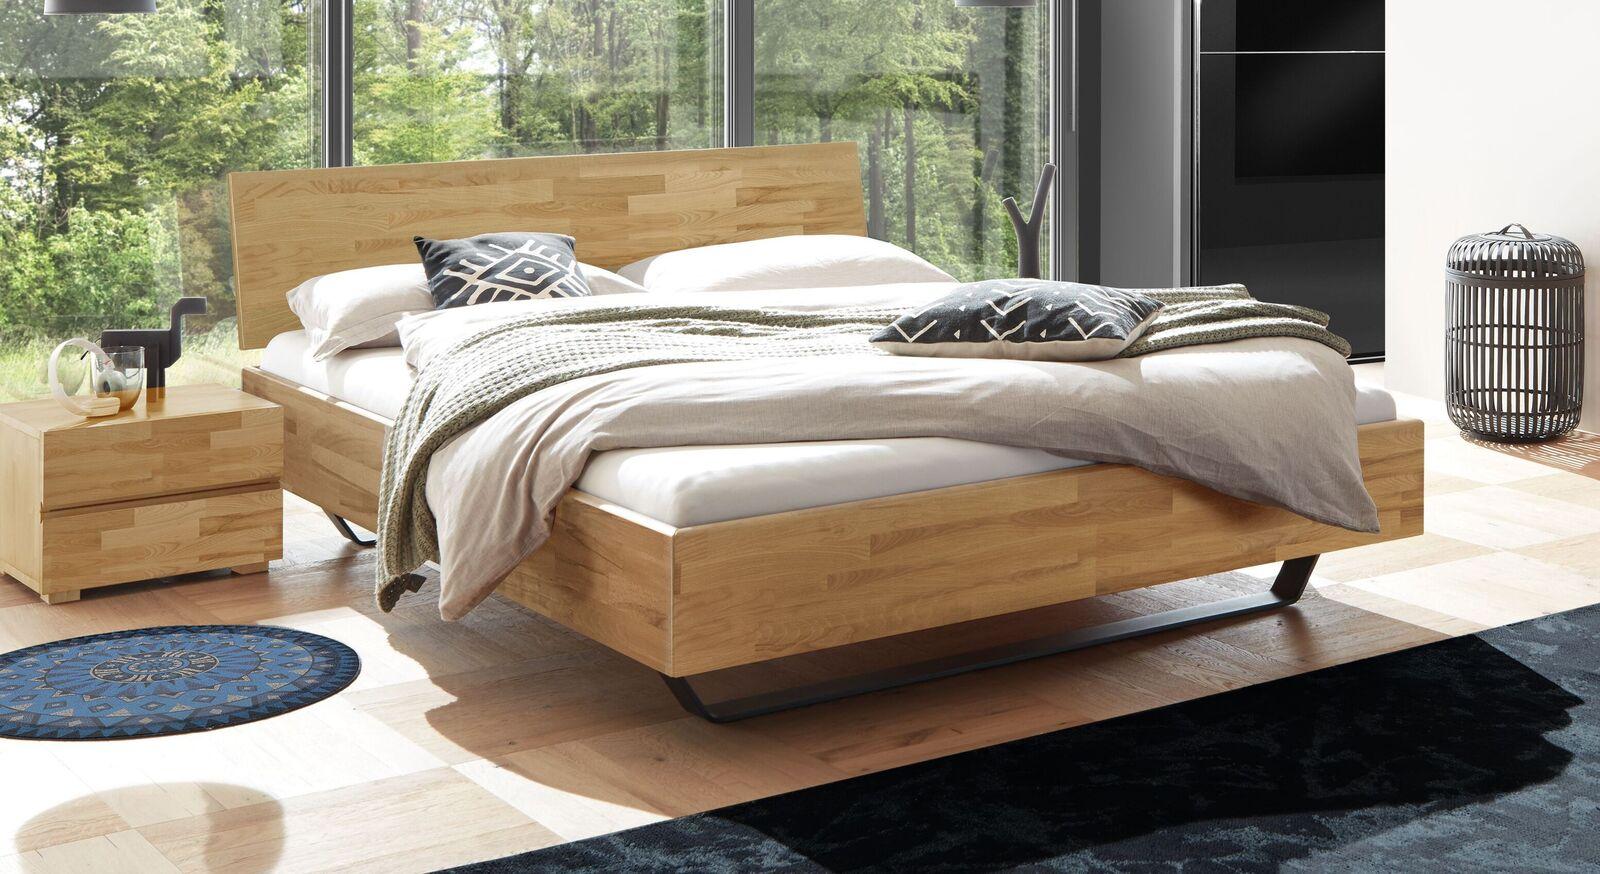 Bett Honoka aus attraktiv gemasertem Kernbuchenholz